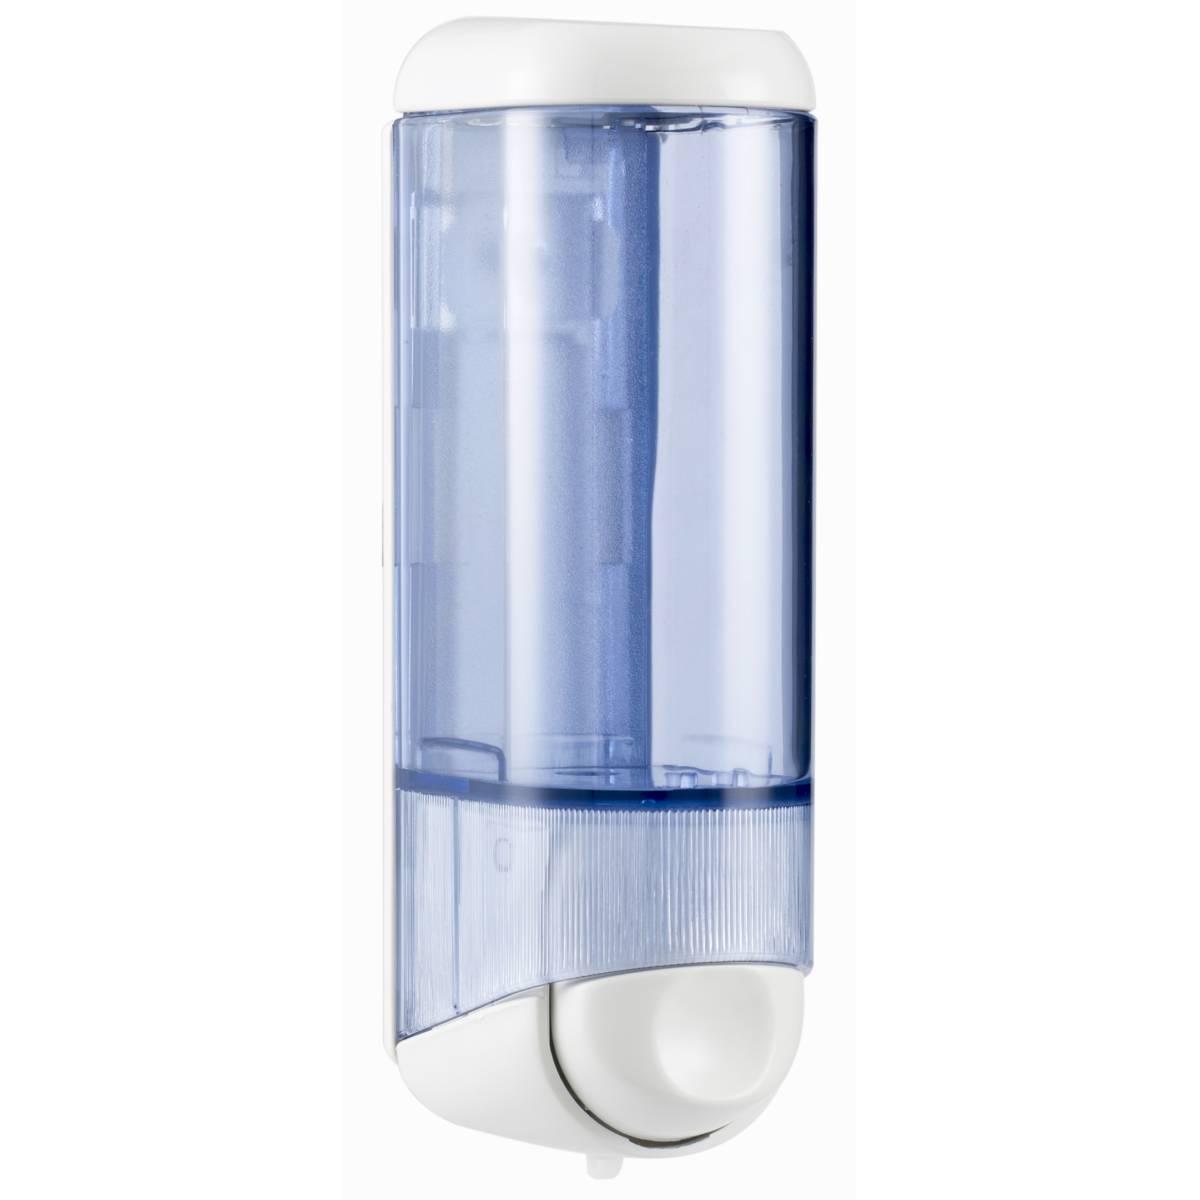 Дозатор жидкого мыла Mar Plast 0,25 л ACQUALBA (605T) A60501 Mar Plast